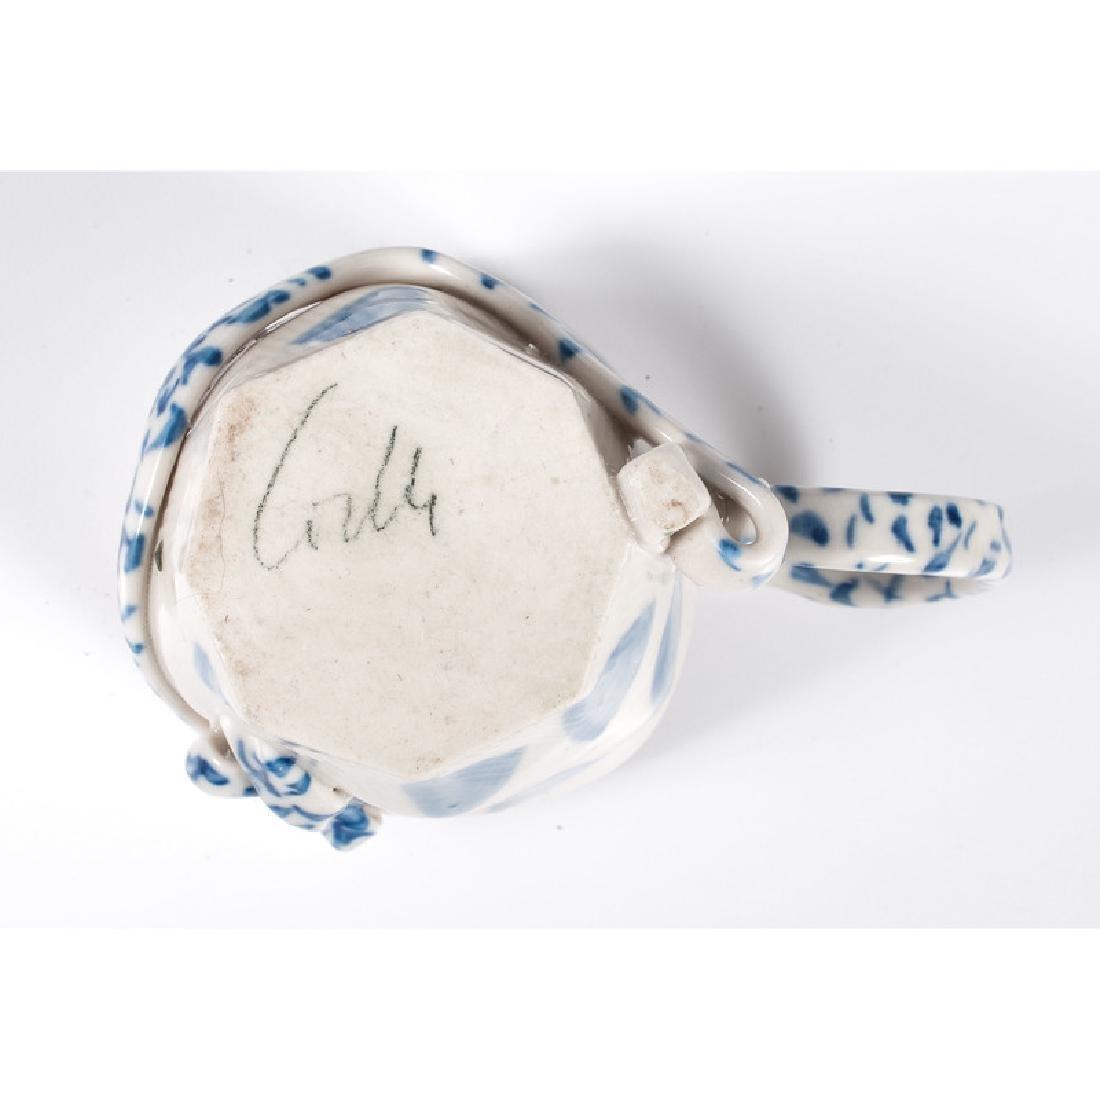 Four Contemporary Ceramic Cups - 4